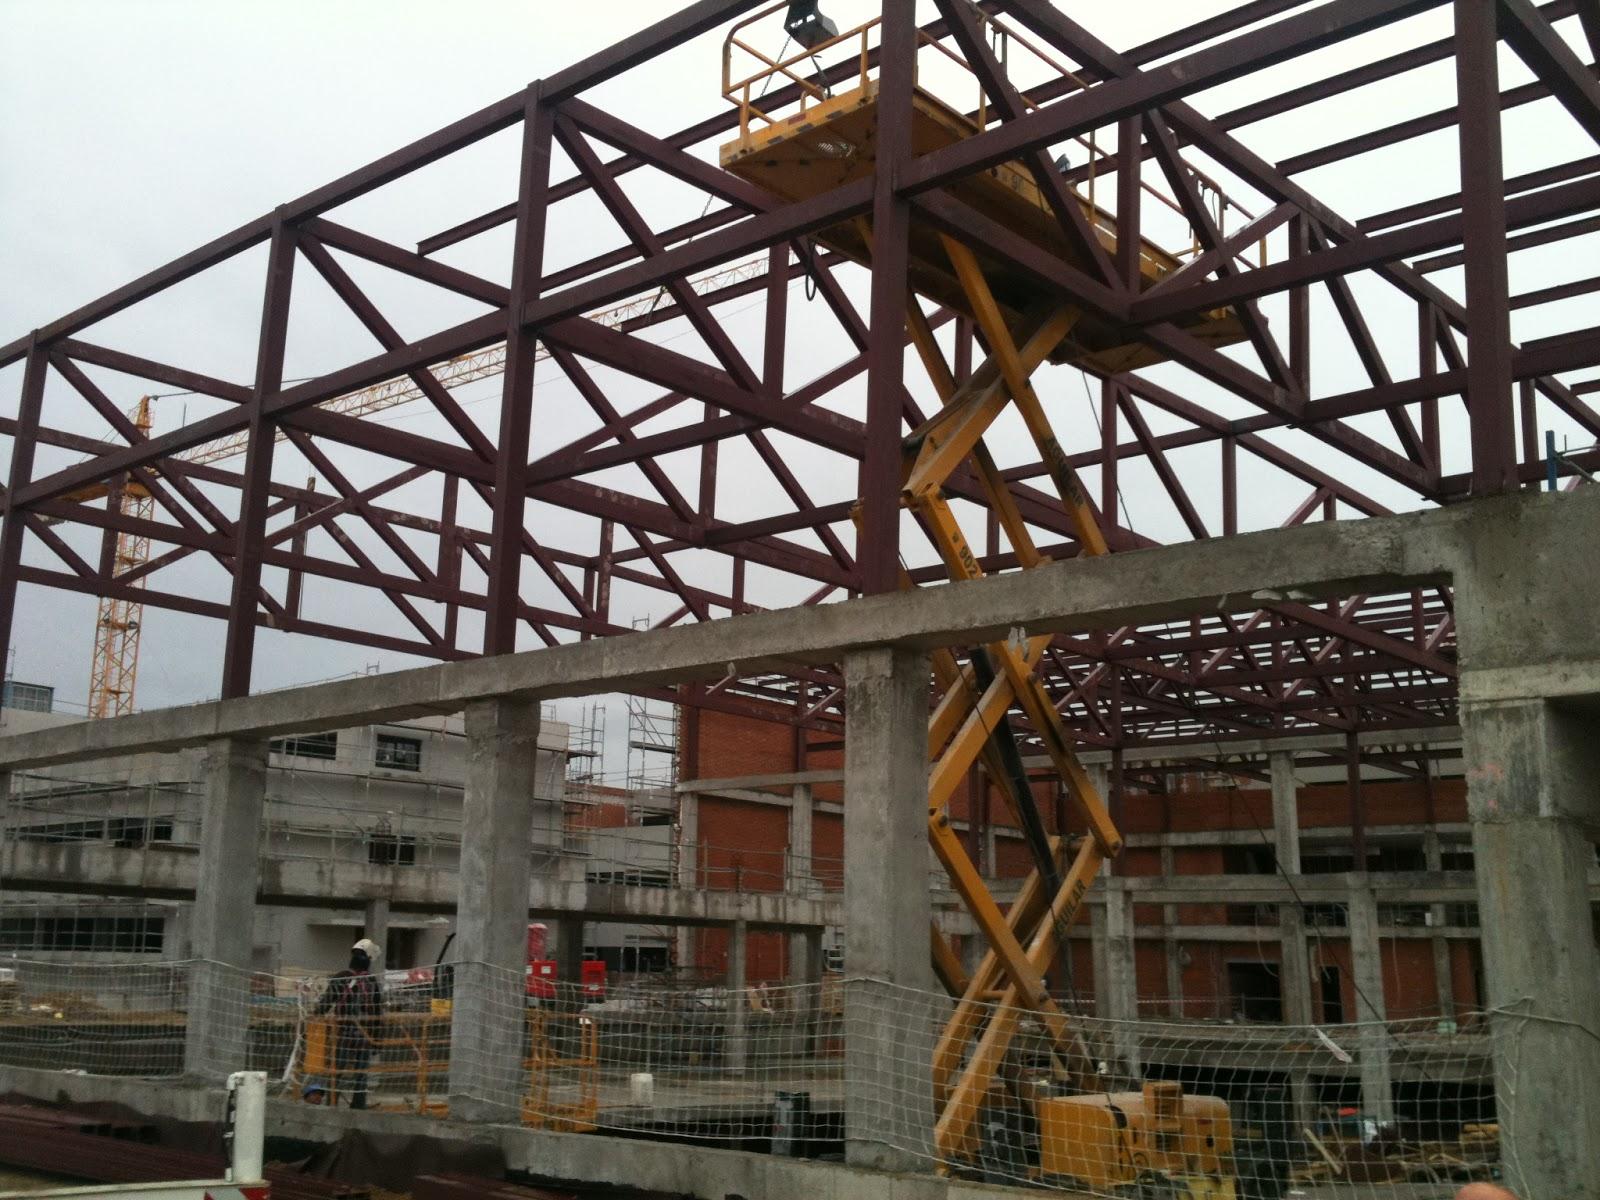 Metal y amianto construcci n de colegio con estructura y cubierta met lica - Estructura metalica cubierta ...